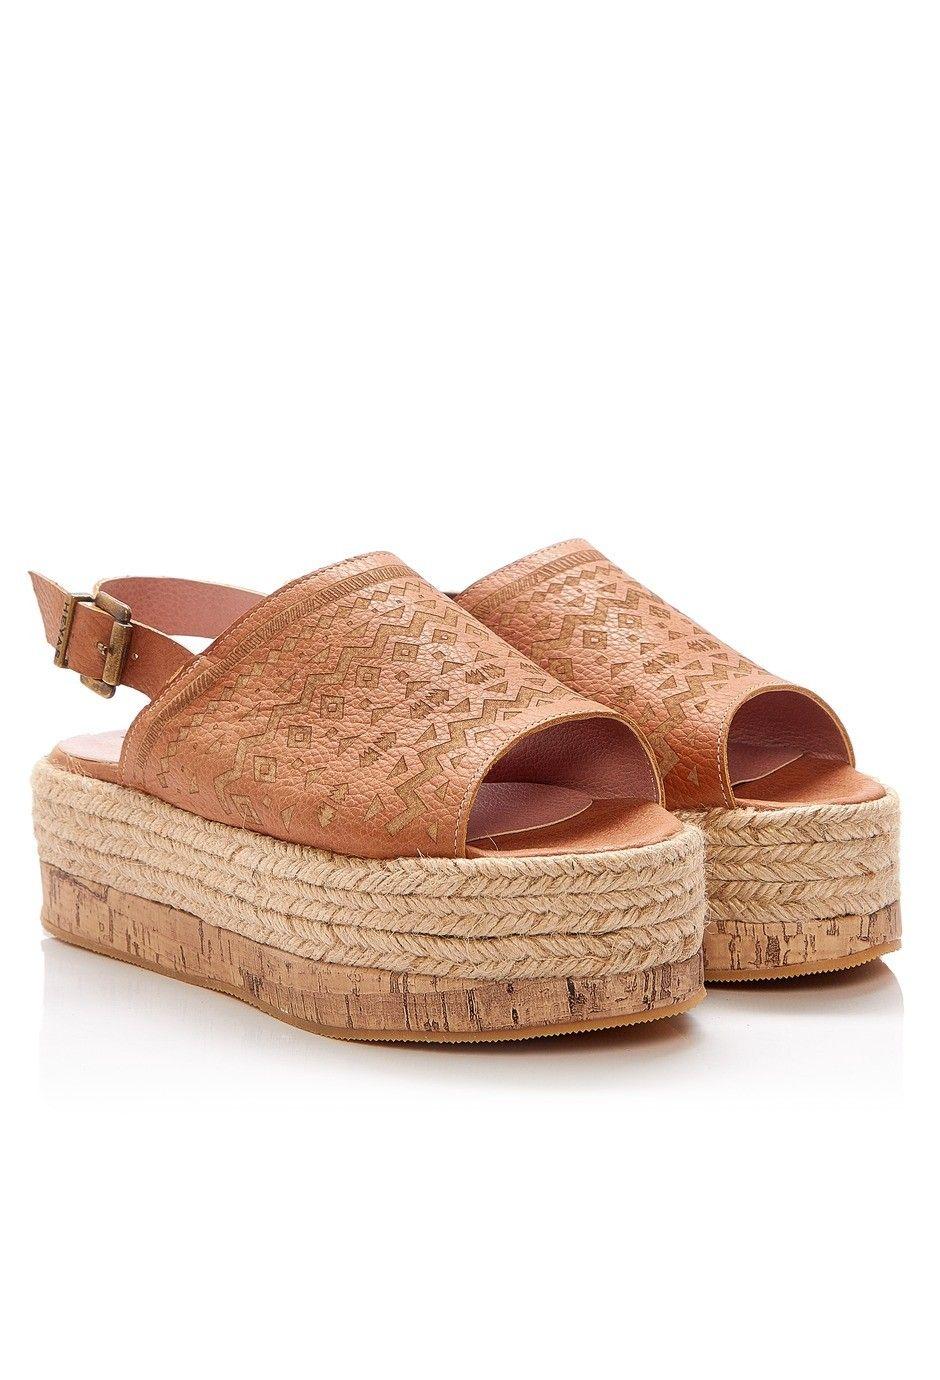 Heyas zapatos Lacan suela  ♤ ♤ Zapatos ♤   Pinterest  Solar 19b46a